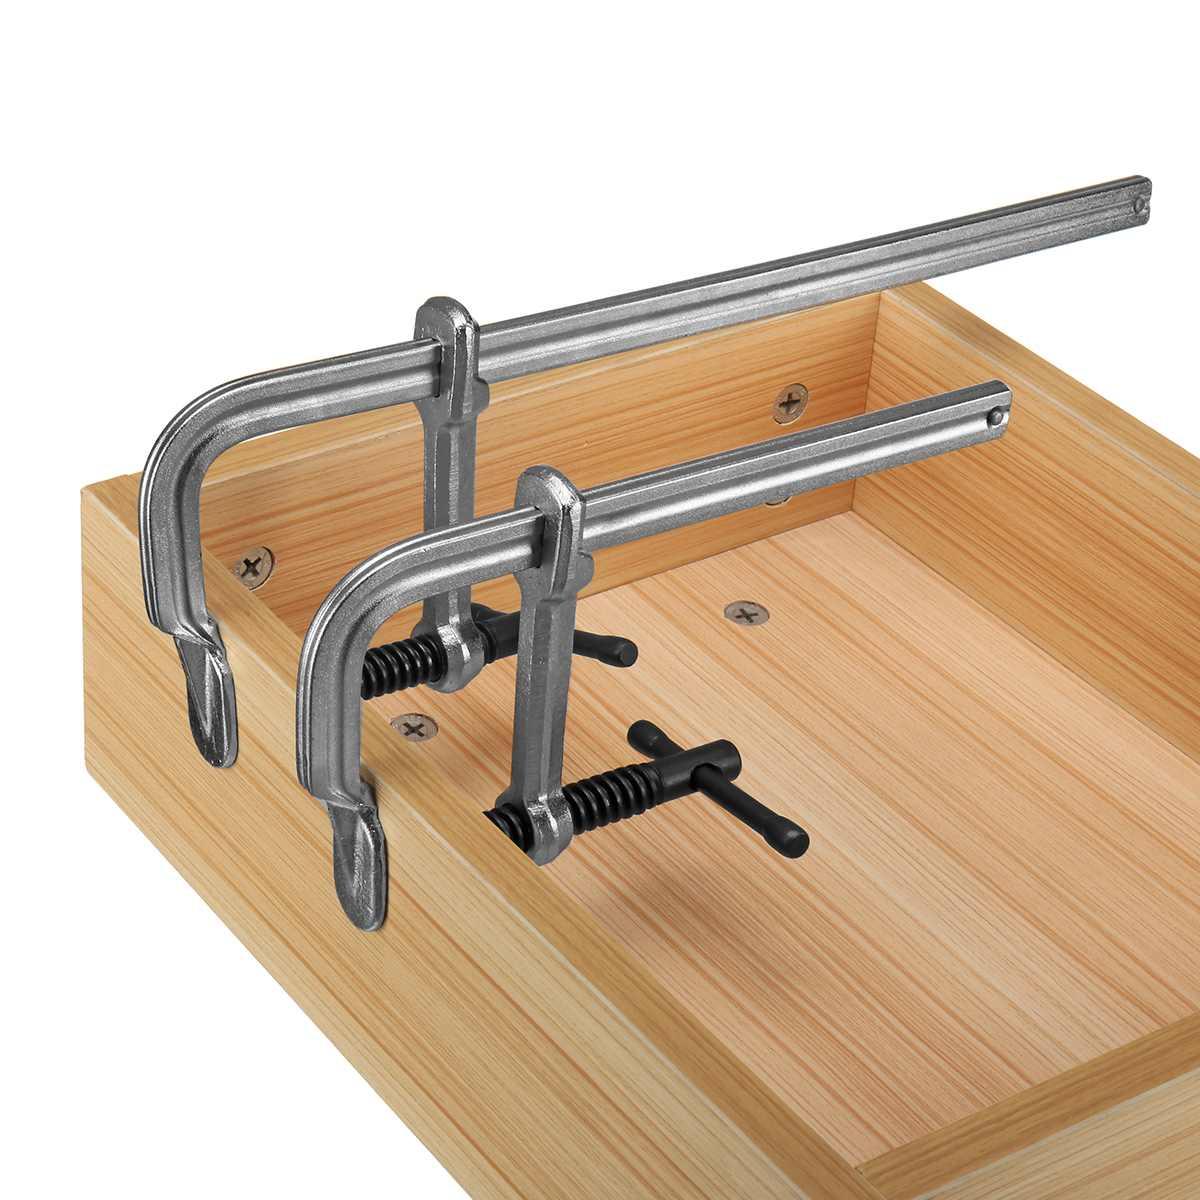 F-образный зажим, сверхмощный ручной инструмент для деревообработки «сделай сам», F-образный зажим, G-образный зажим, быстросъемный Фиксатор ...